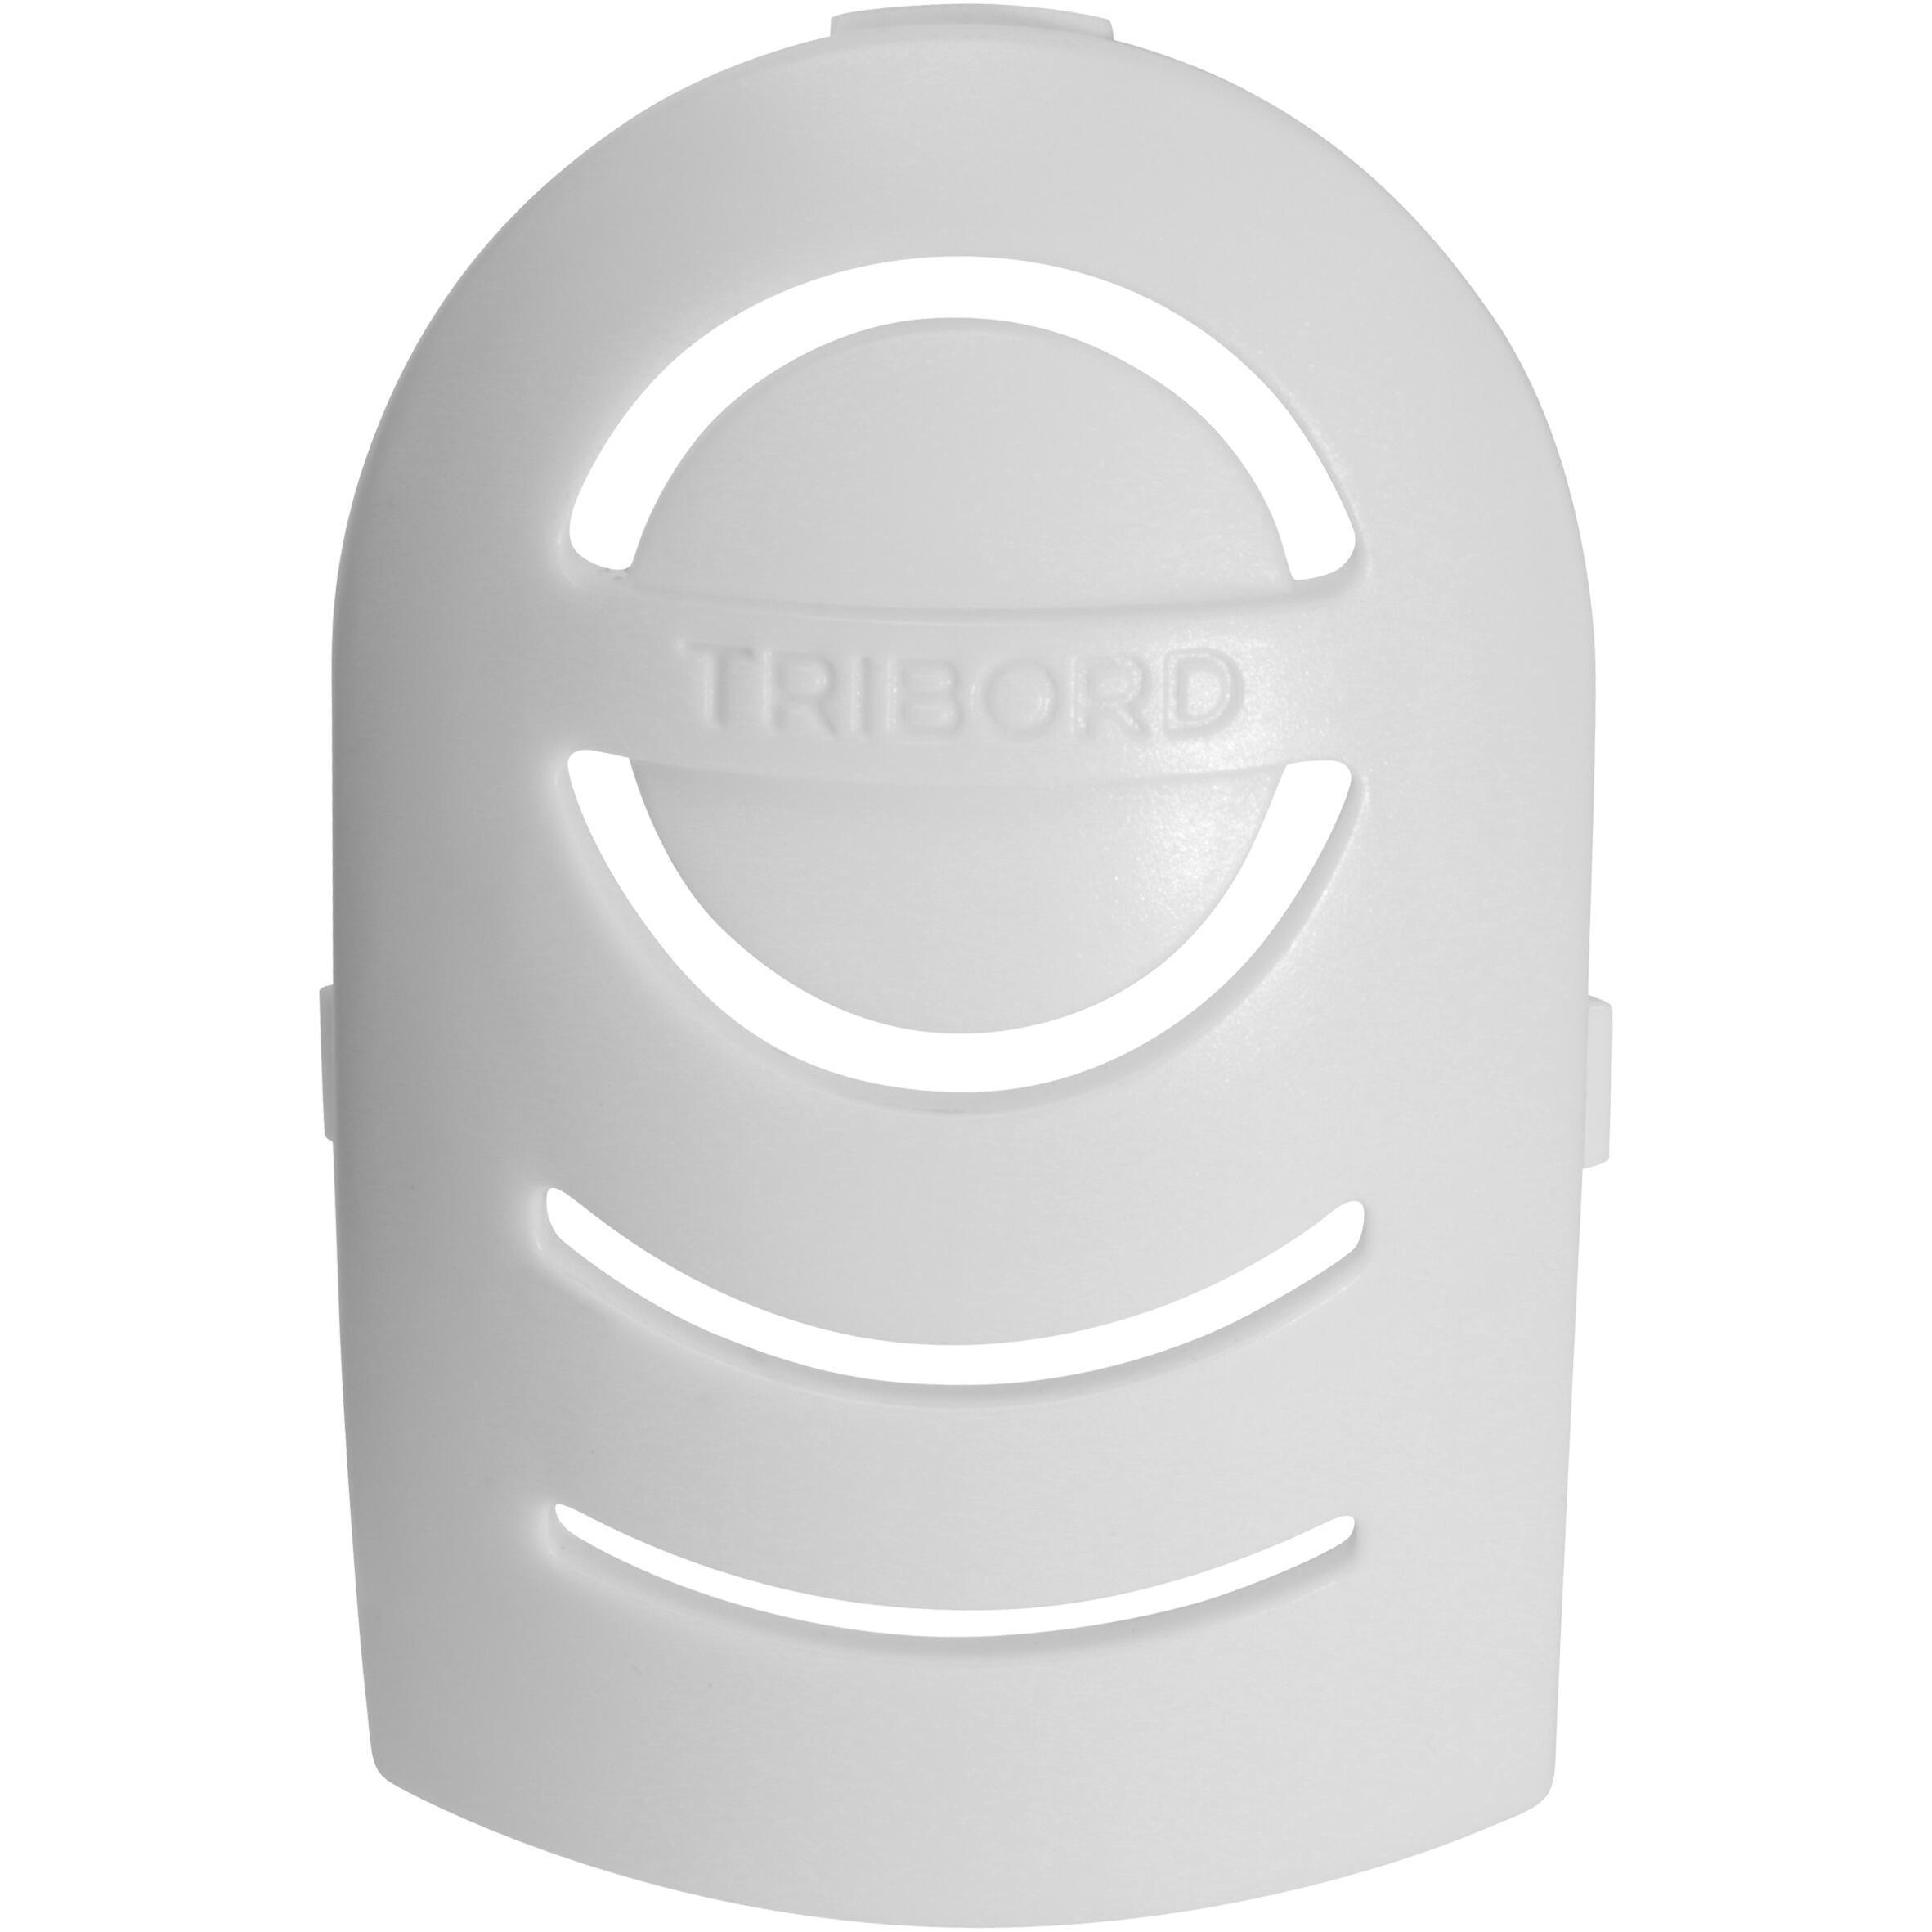 Subea Wit kapje voor Easybreath-snorkelmasker kopen